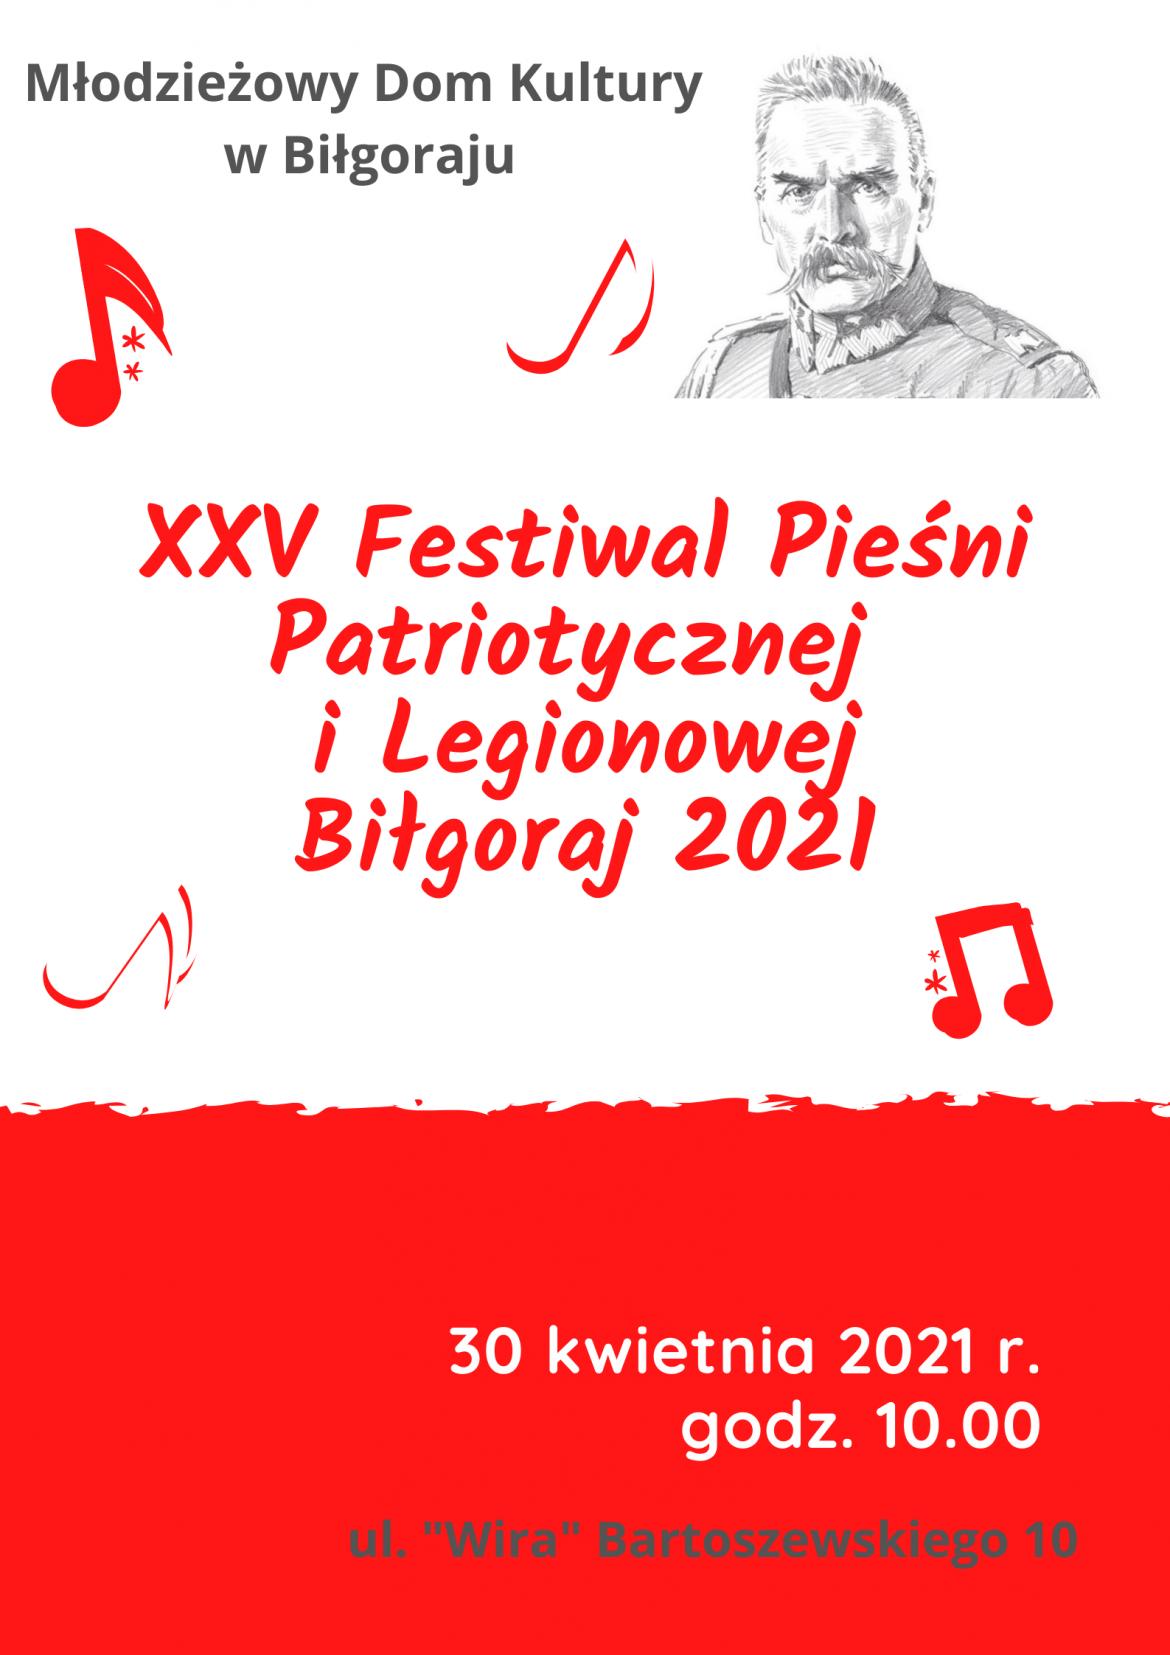 XXV Festiwal Pieśni Patriotycznej i Legionowej Biłgoraj 2021